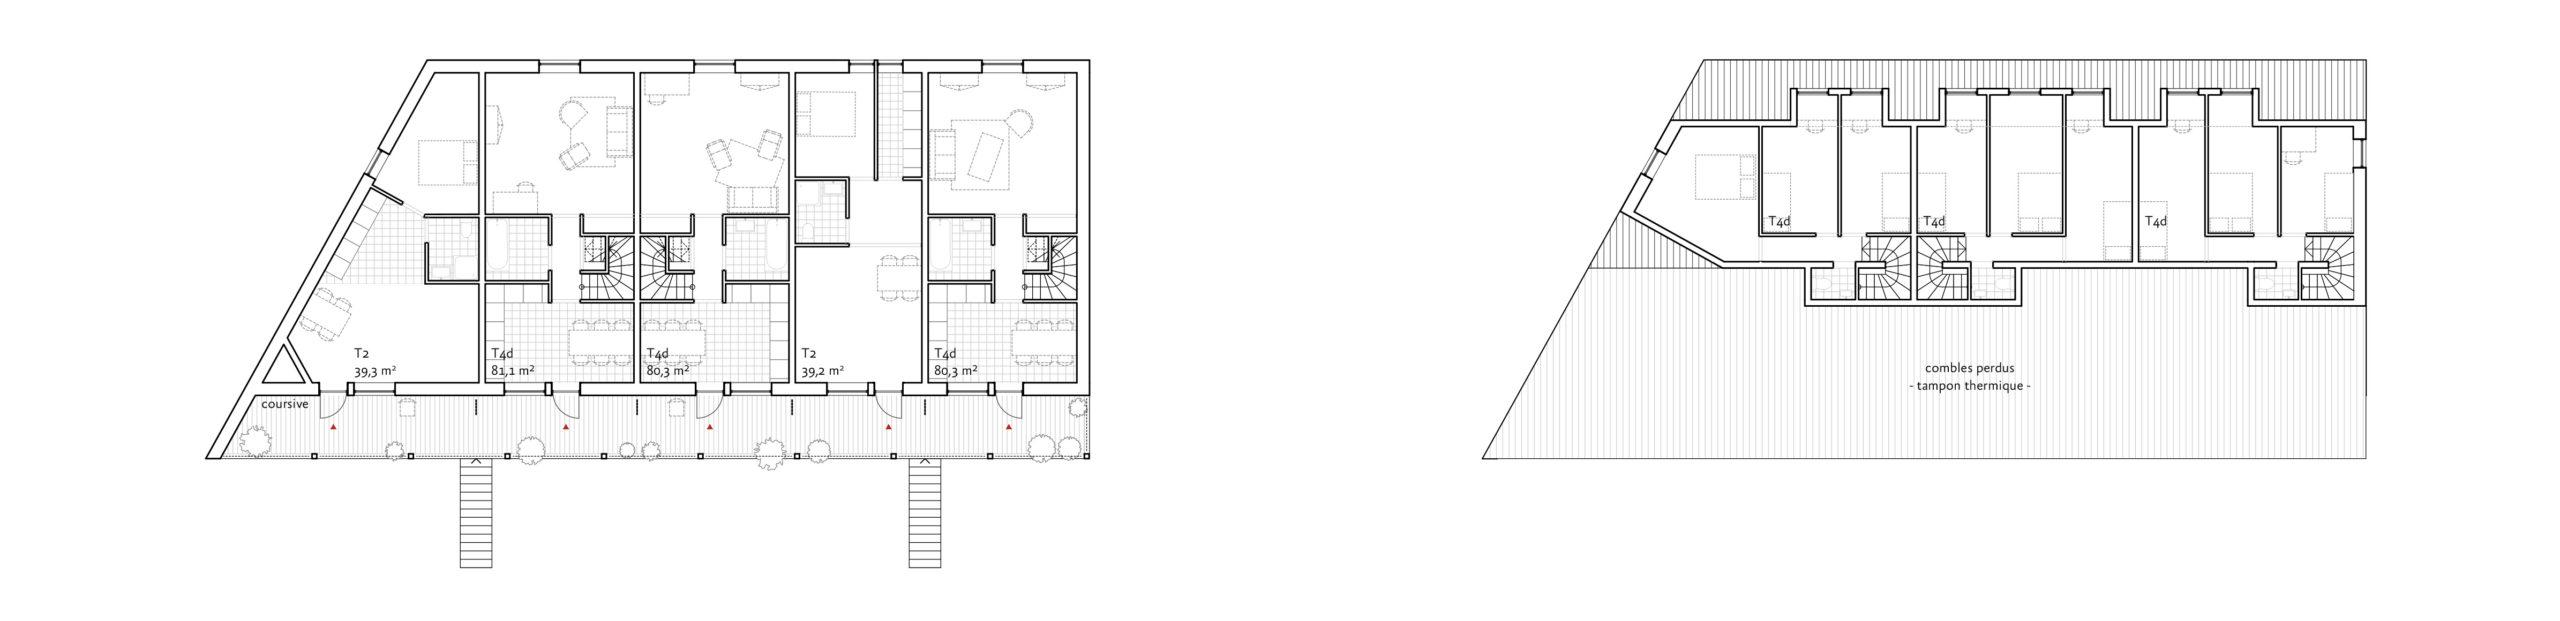 plans des niveaux